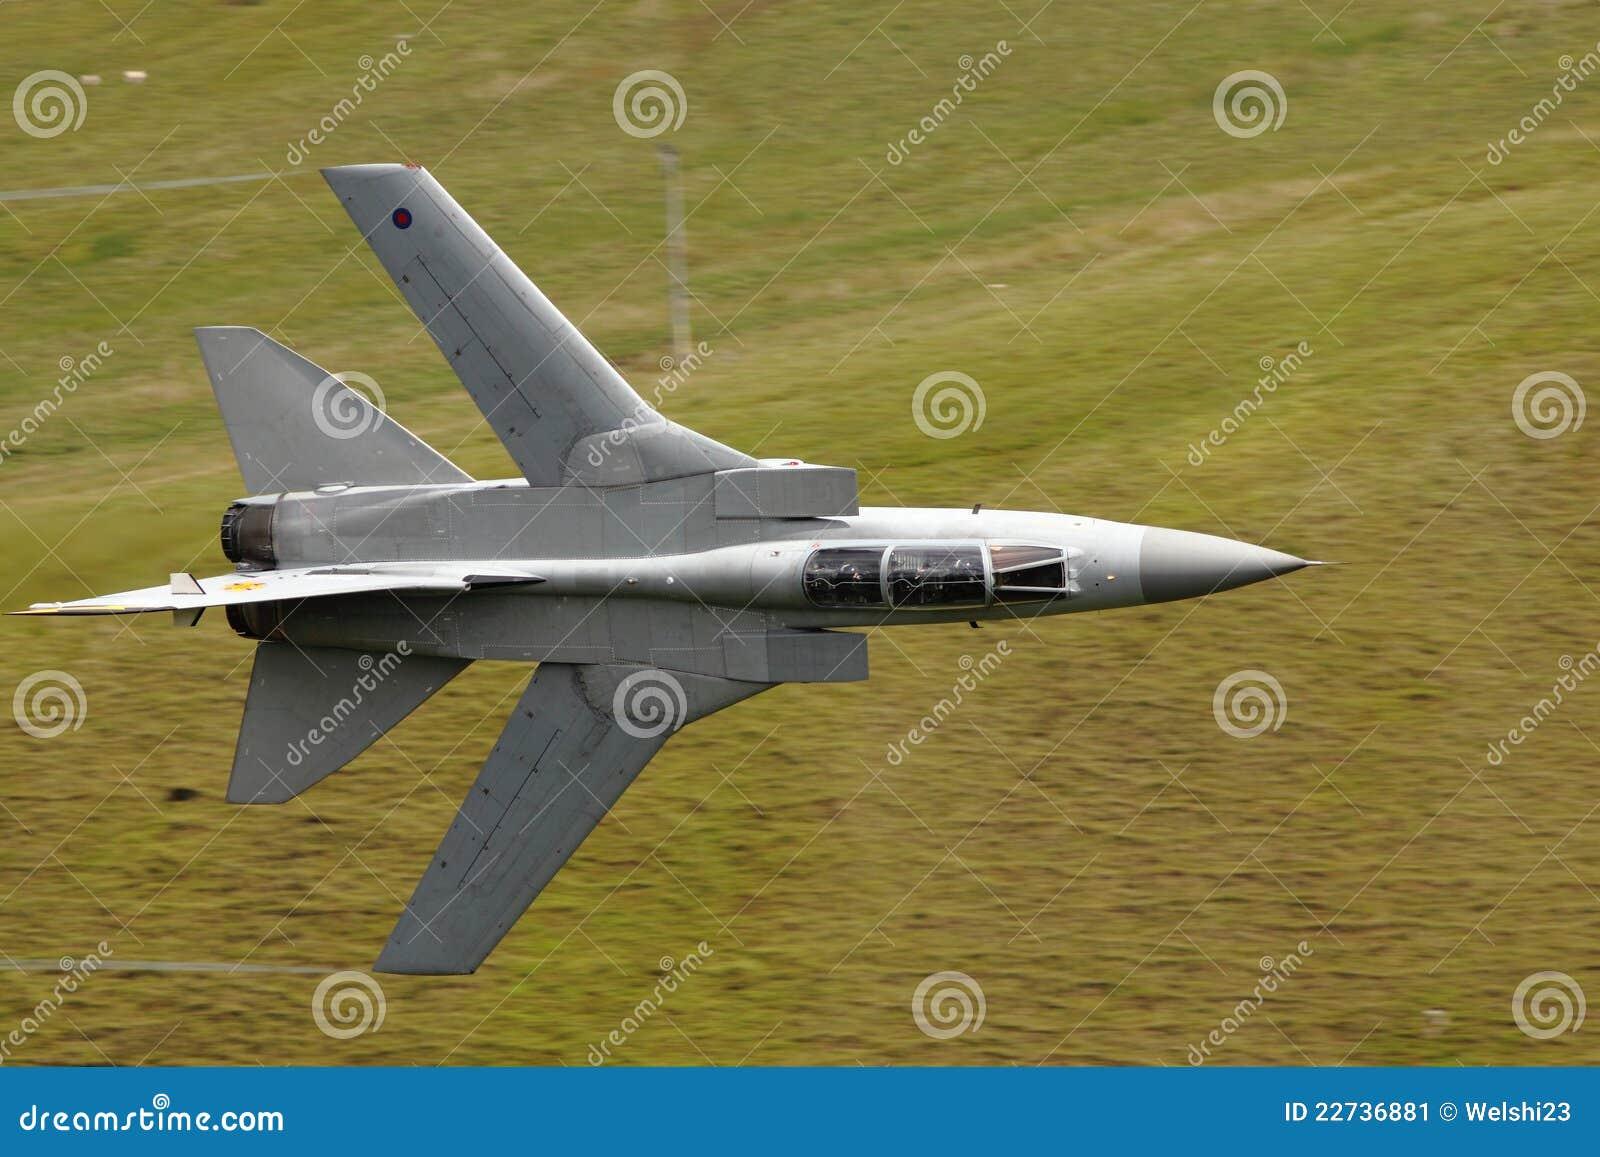 Aereo Da Caccia Giapponese : Aereo da caccia immagine stock di volo